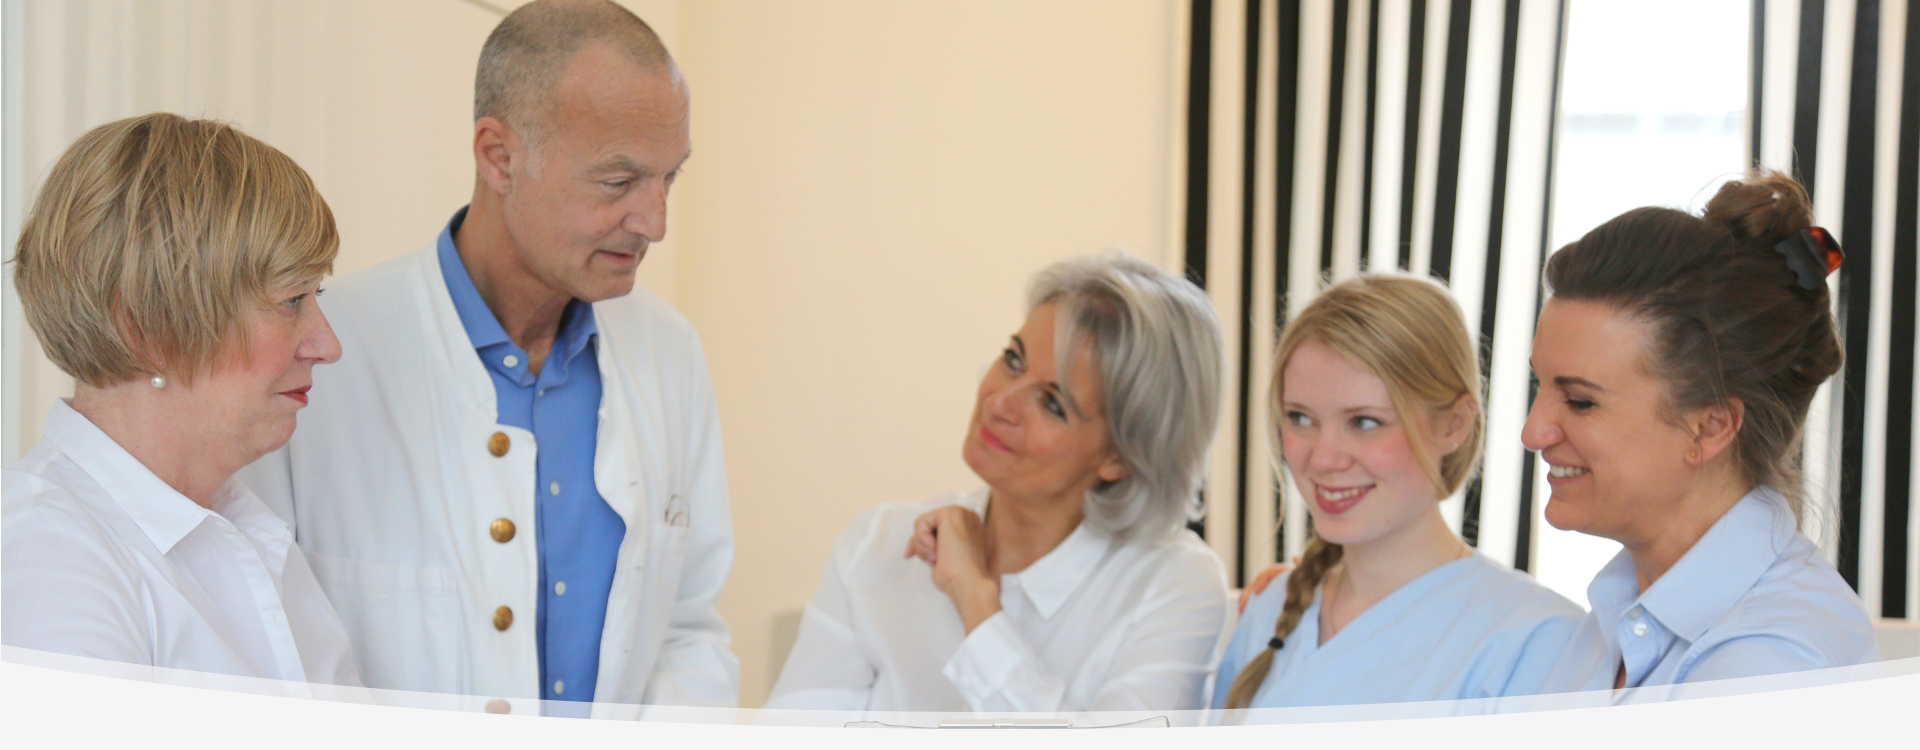 Fettabsaugung bei Dr med Klesper